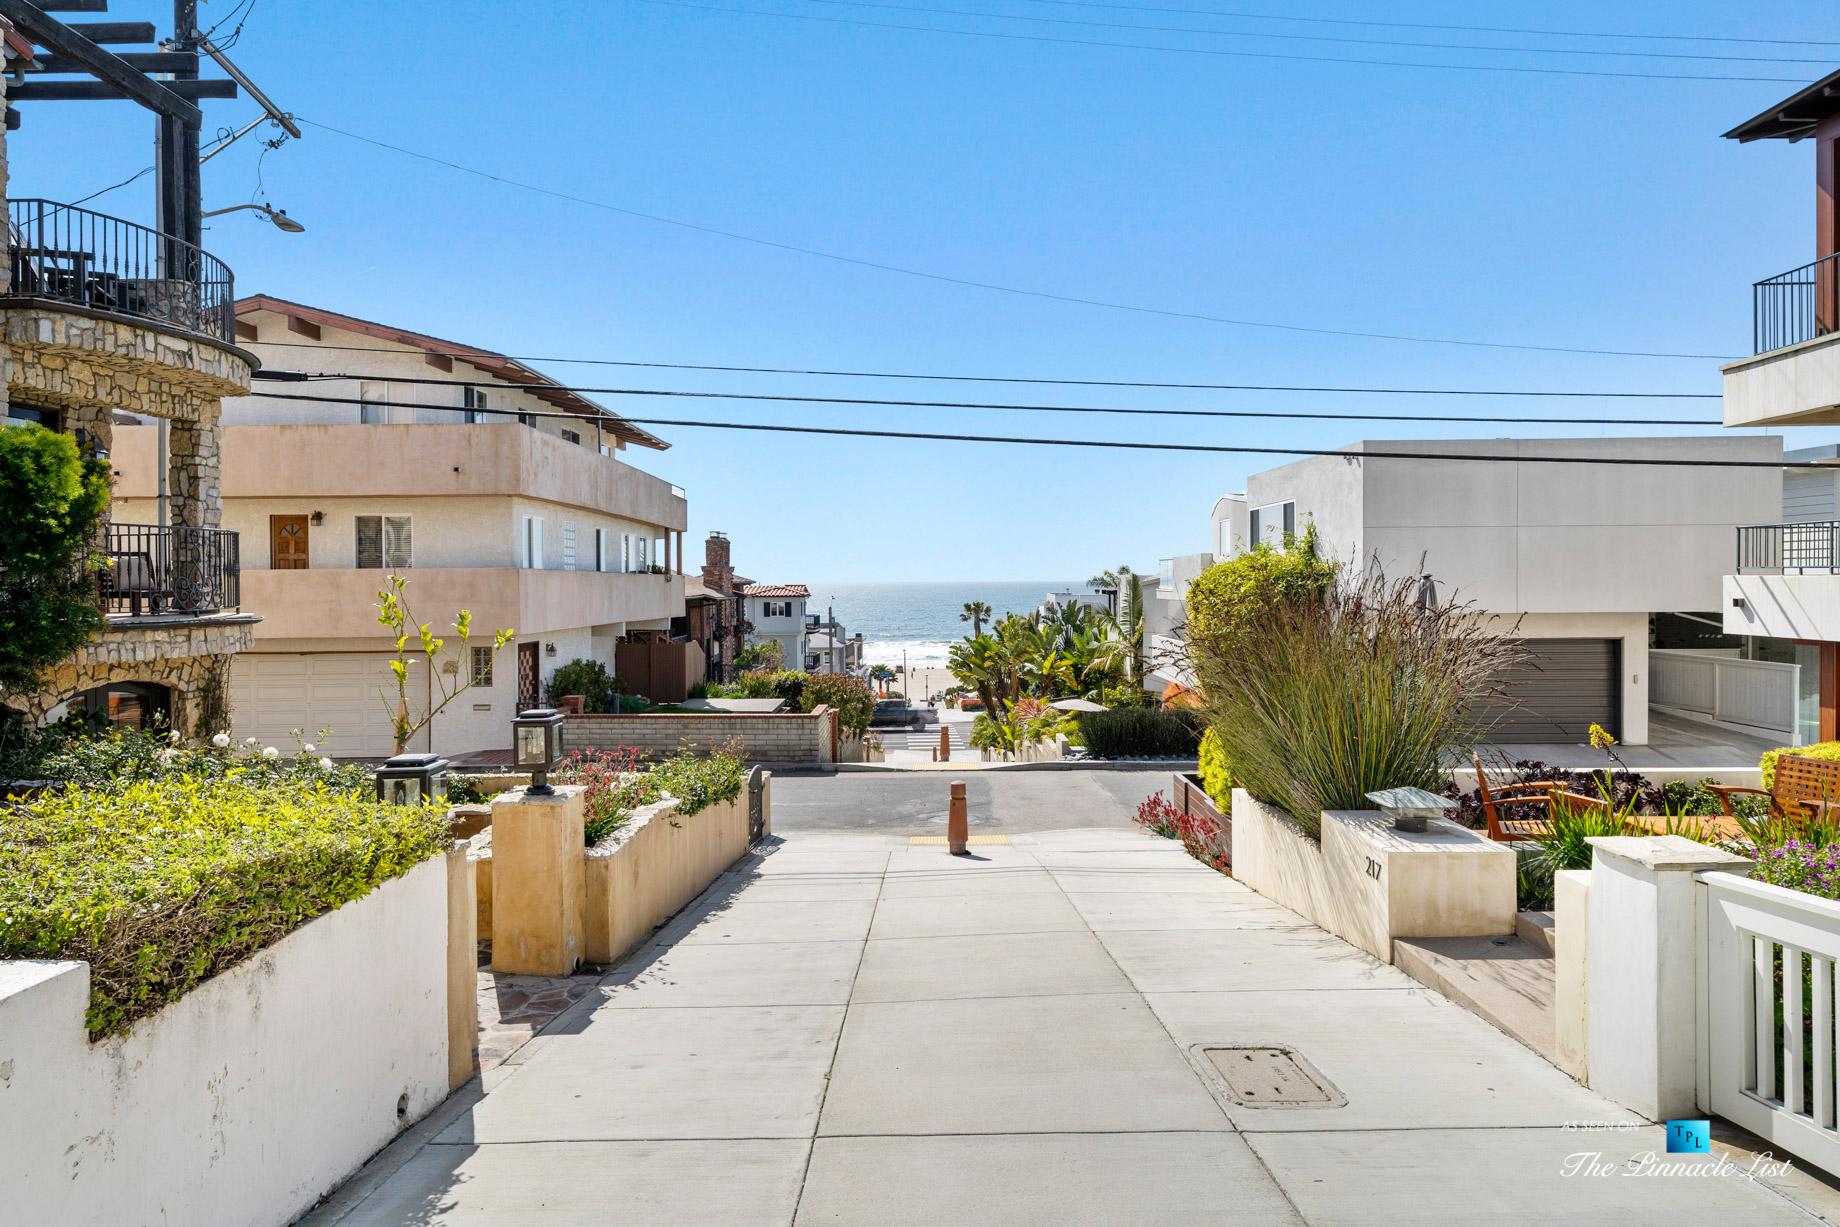 216 7th St, Manhattan Beach, CA, USA - Luxury Real Estate - Coastal Villa Home - House Beach Path